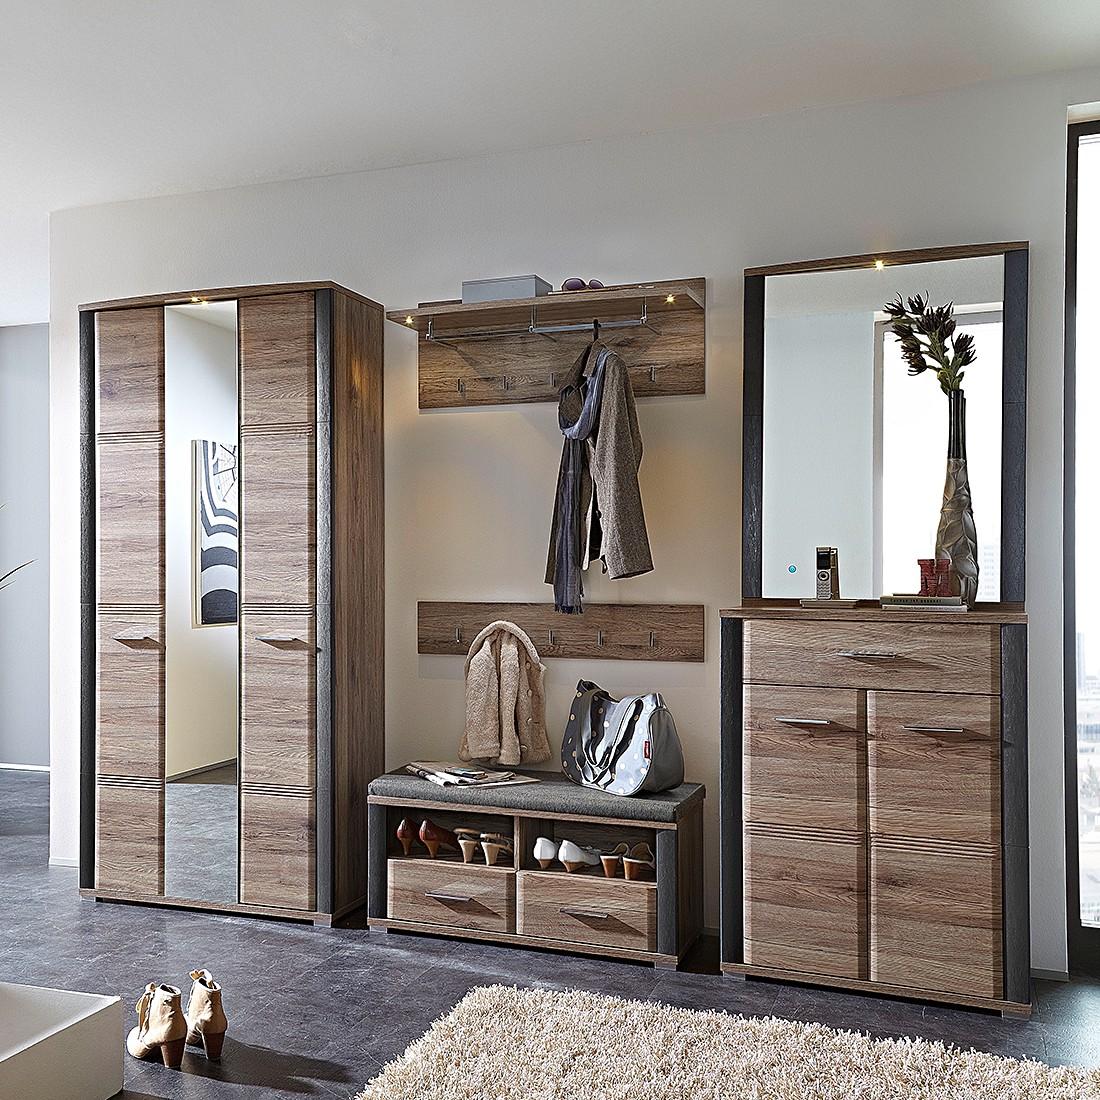 garderobe eiche preisvergleich die besten angebote online kaufen. Black Bedroom Furniture Sets. Home Design Ideas